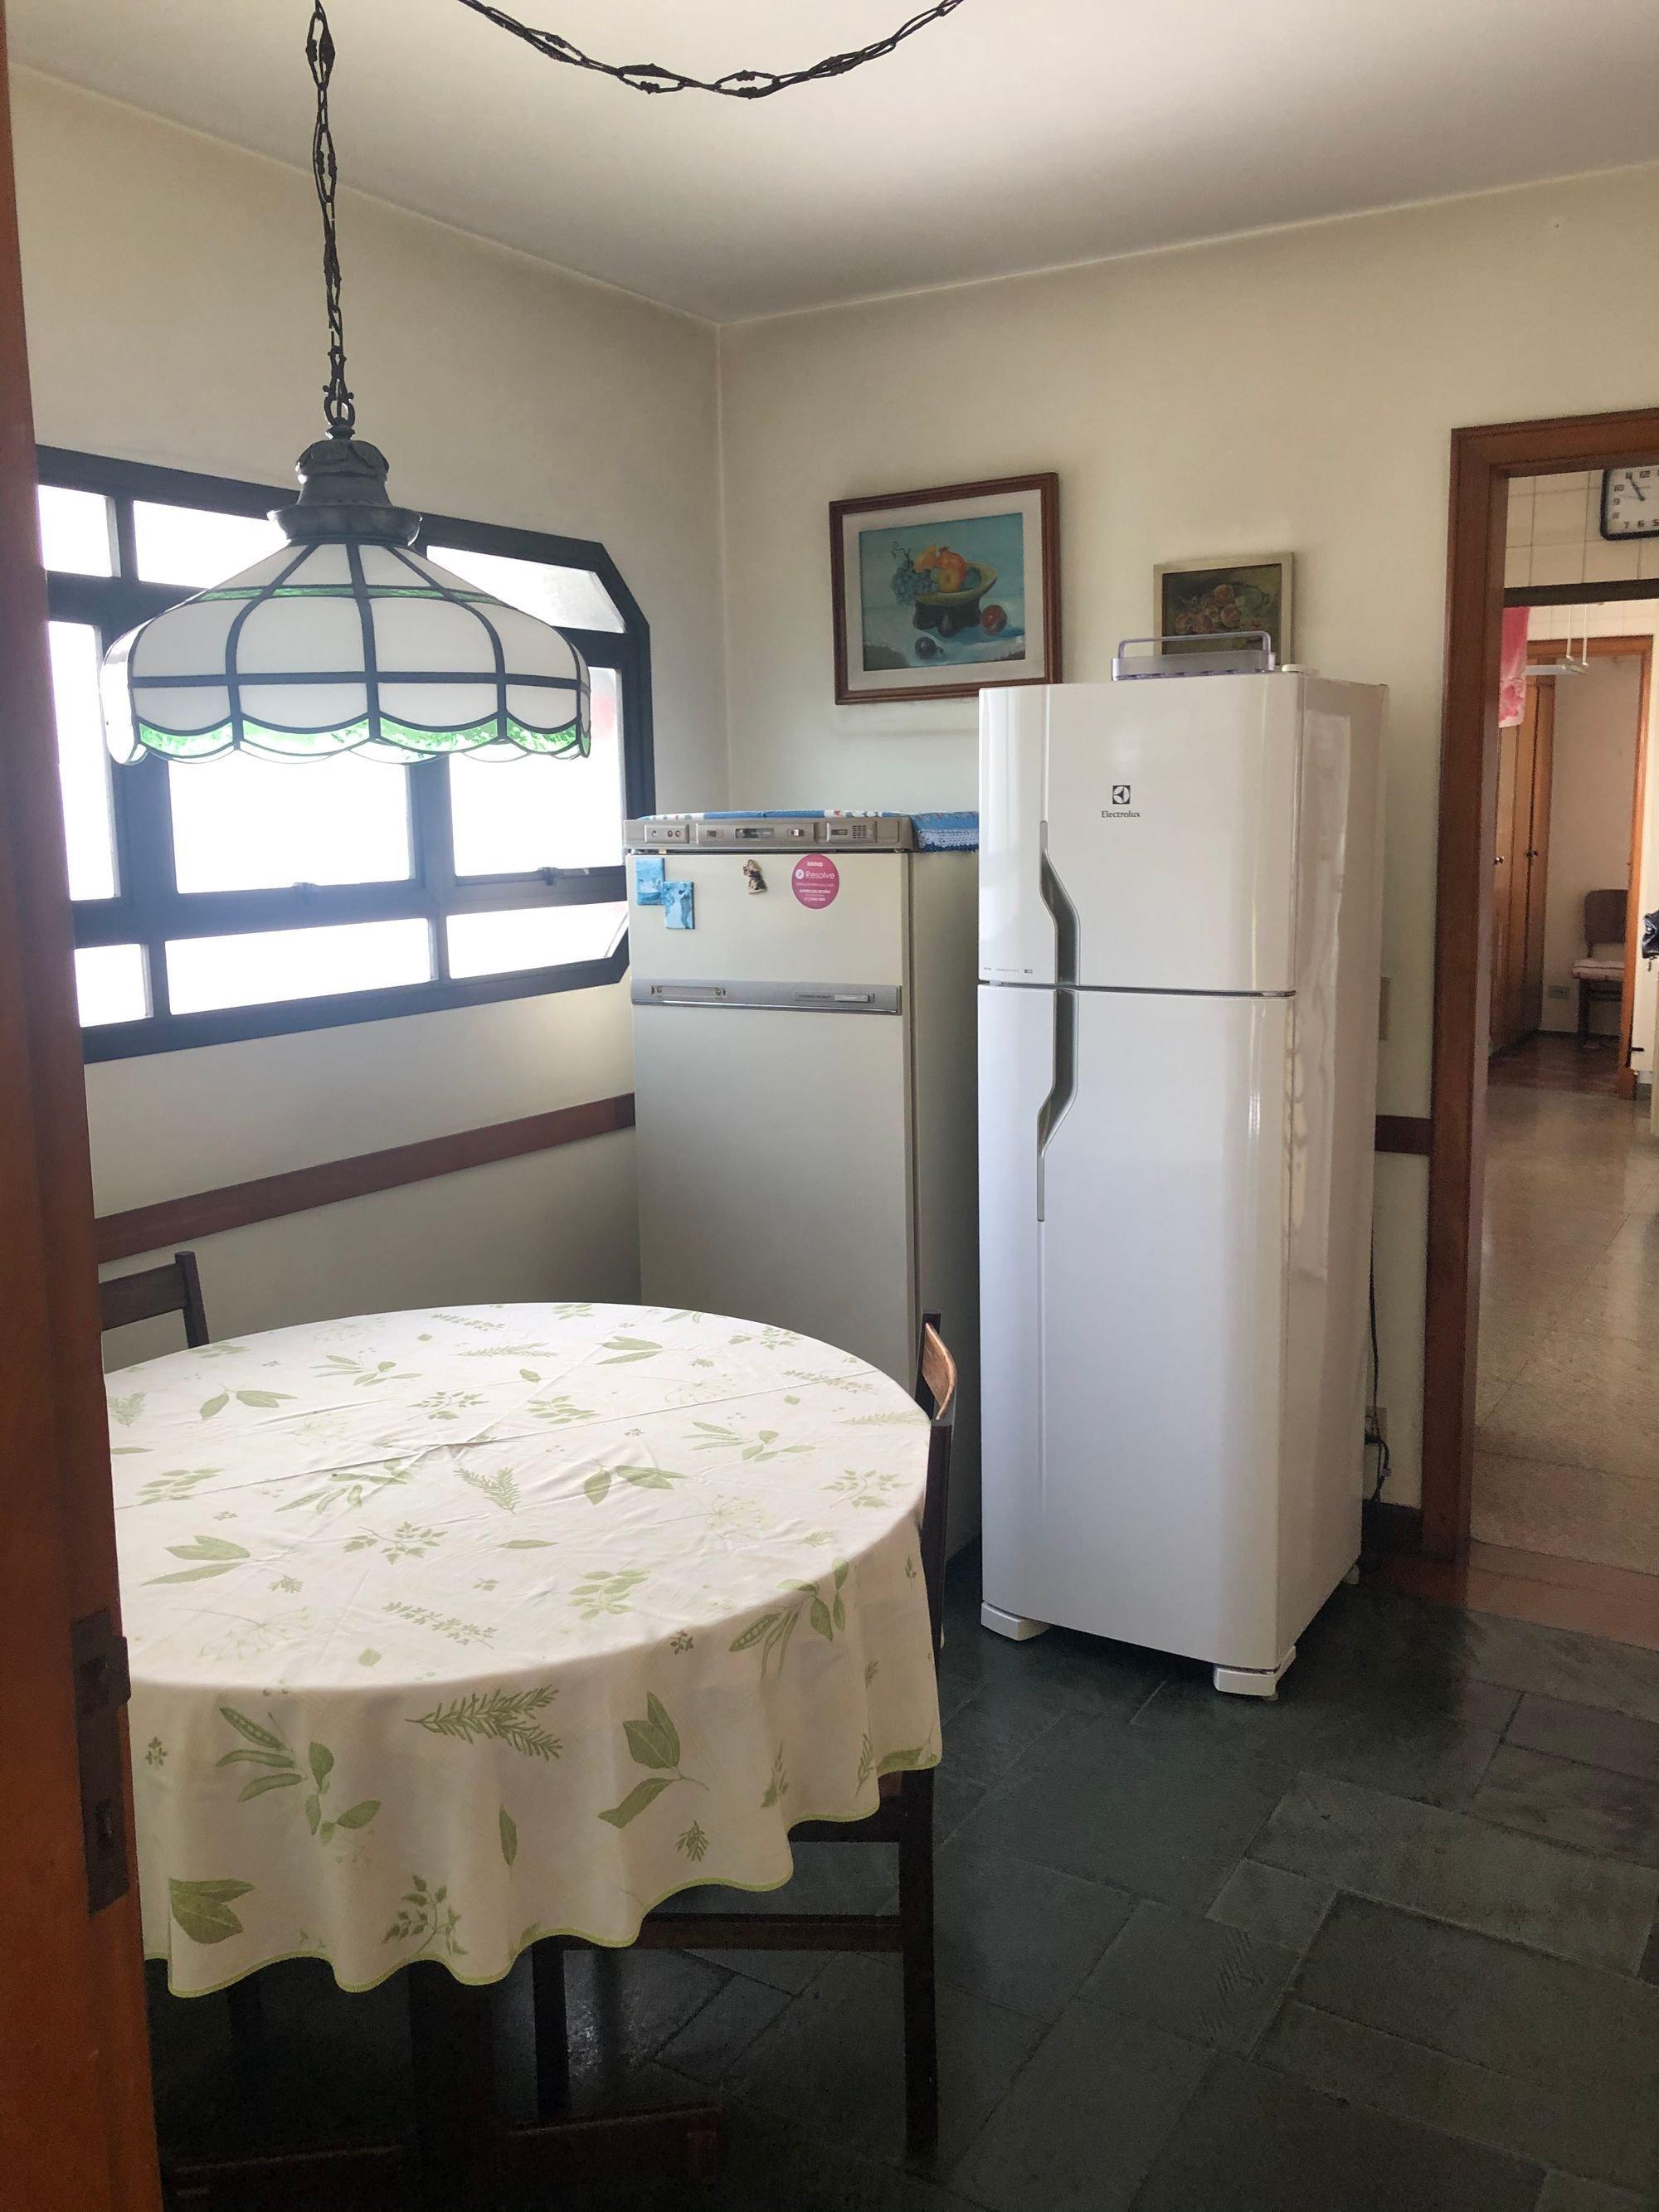 Foto de Cozinha com geladeira, mesa de jantar